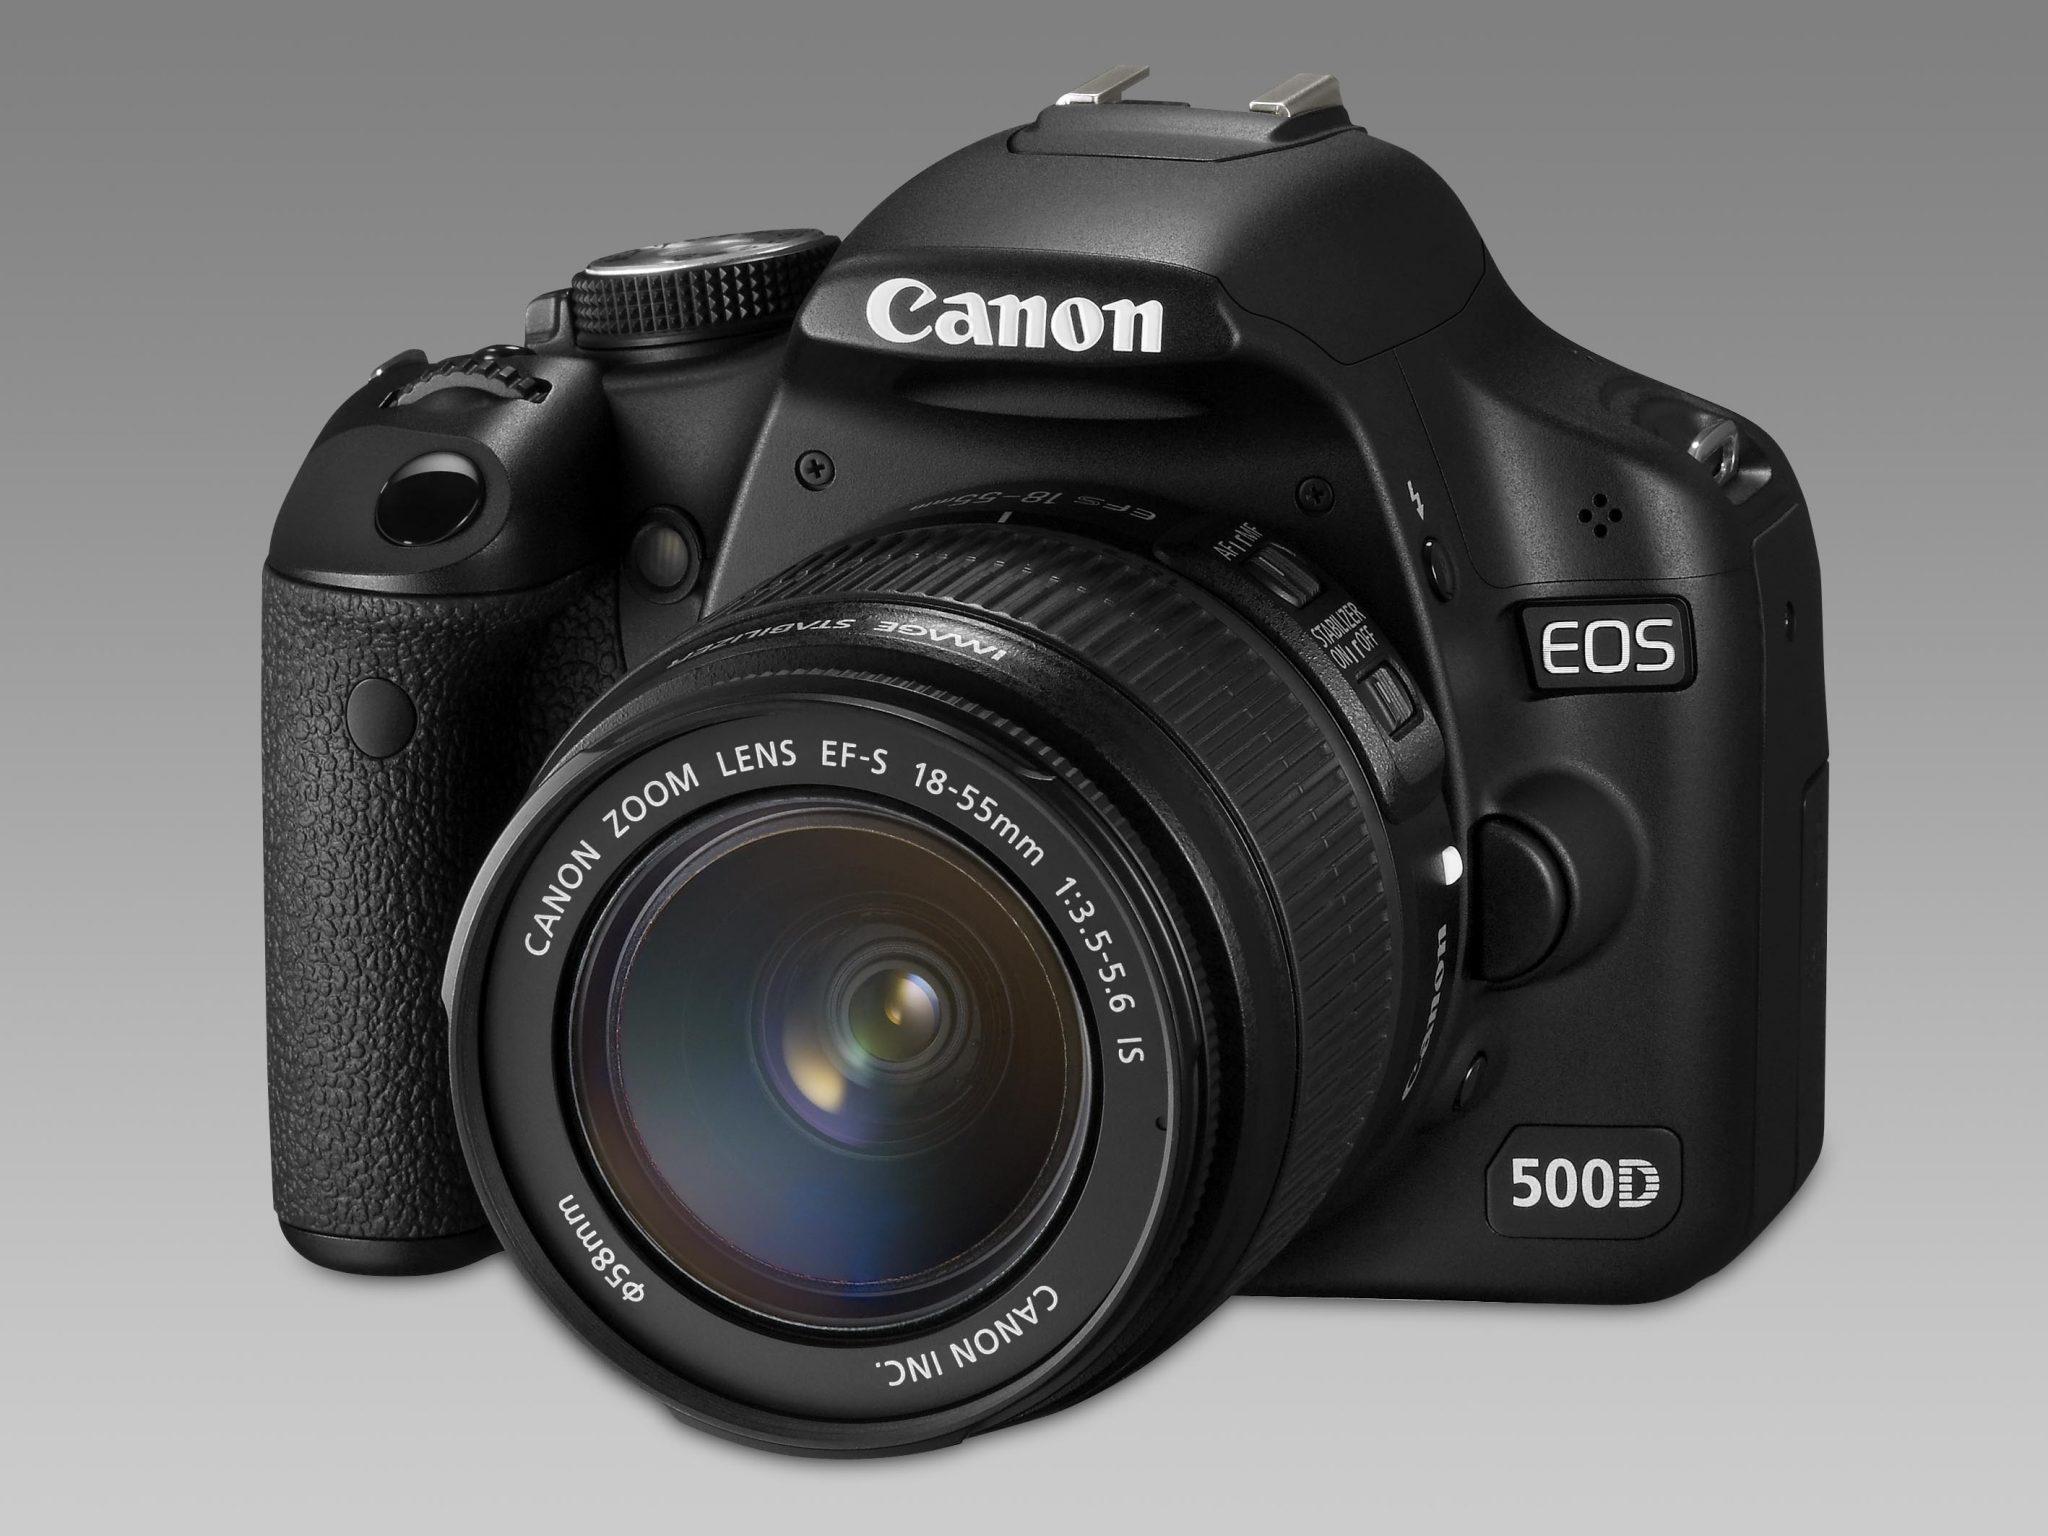 Canon: 10 millones de reflex digitales desde 2003